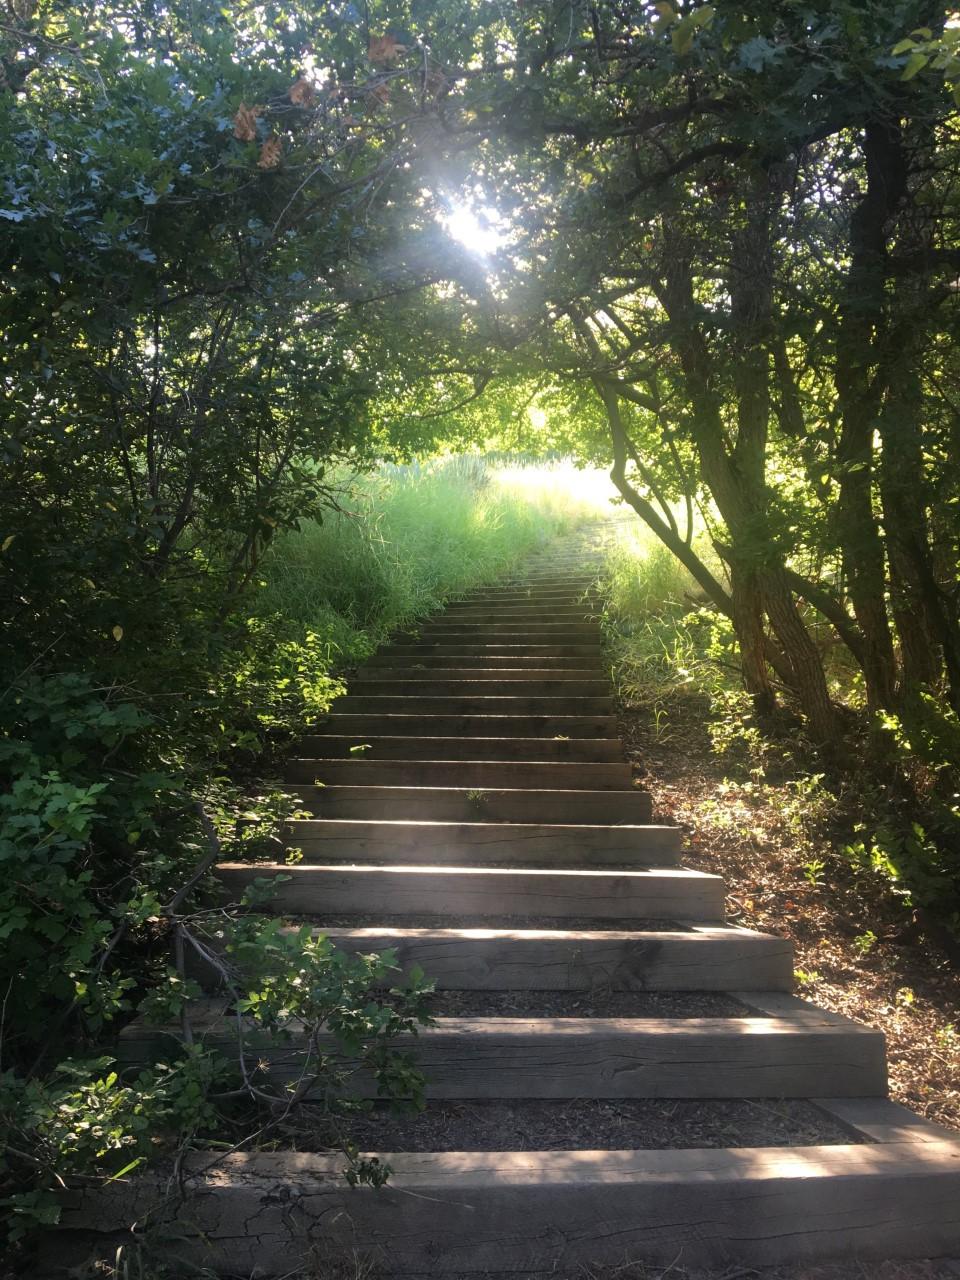 MaKaylas photo of stairs